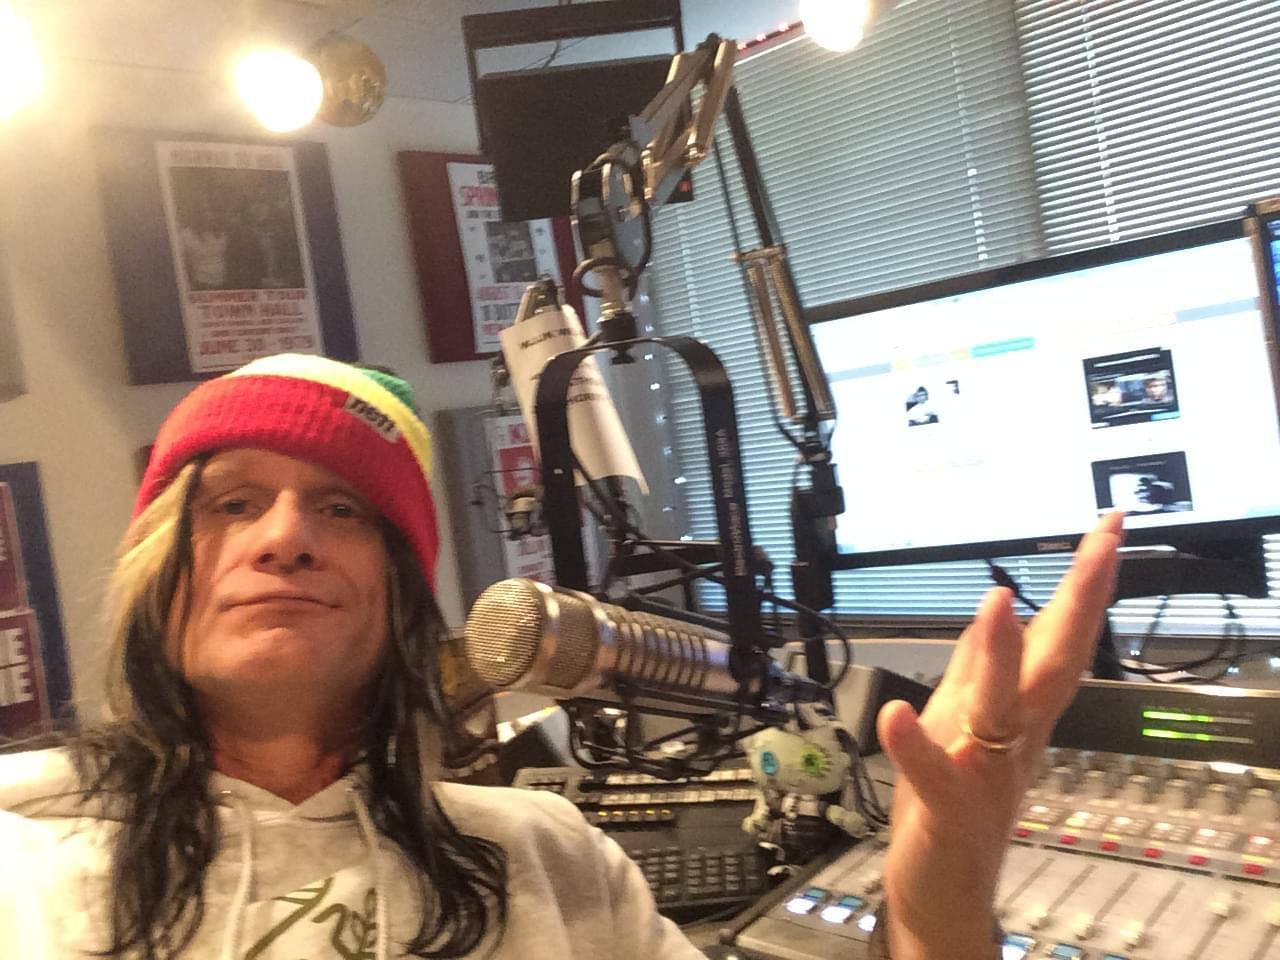 Ever Heard A Parrot Sing Guns & Roses, Led Zeppelin, Maybe Van Halen?